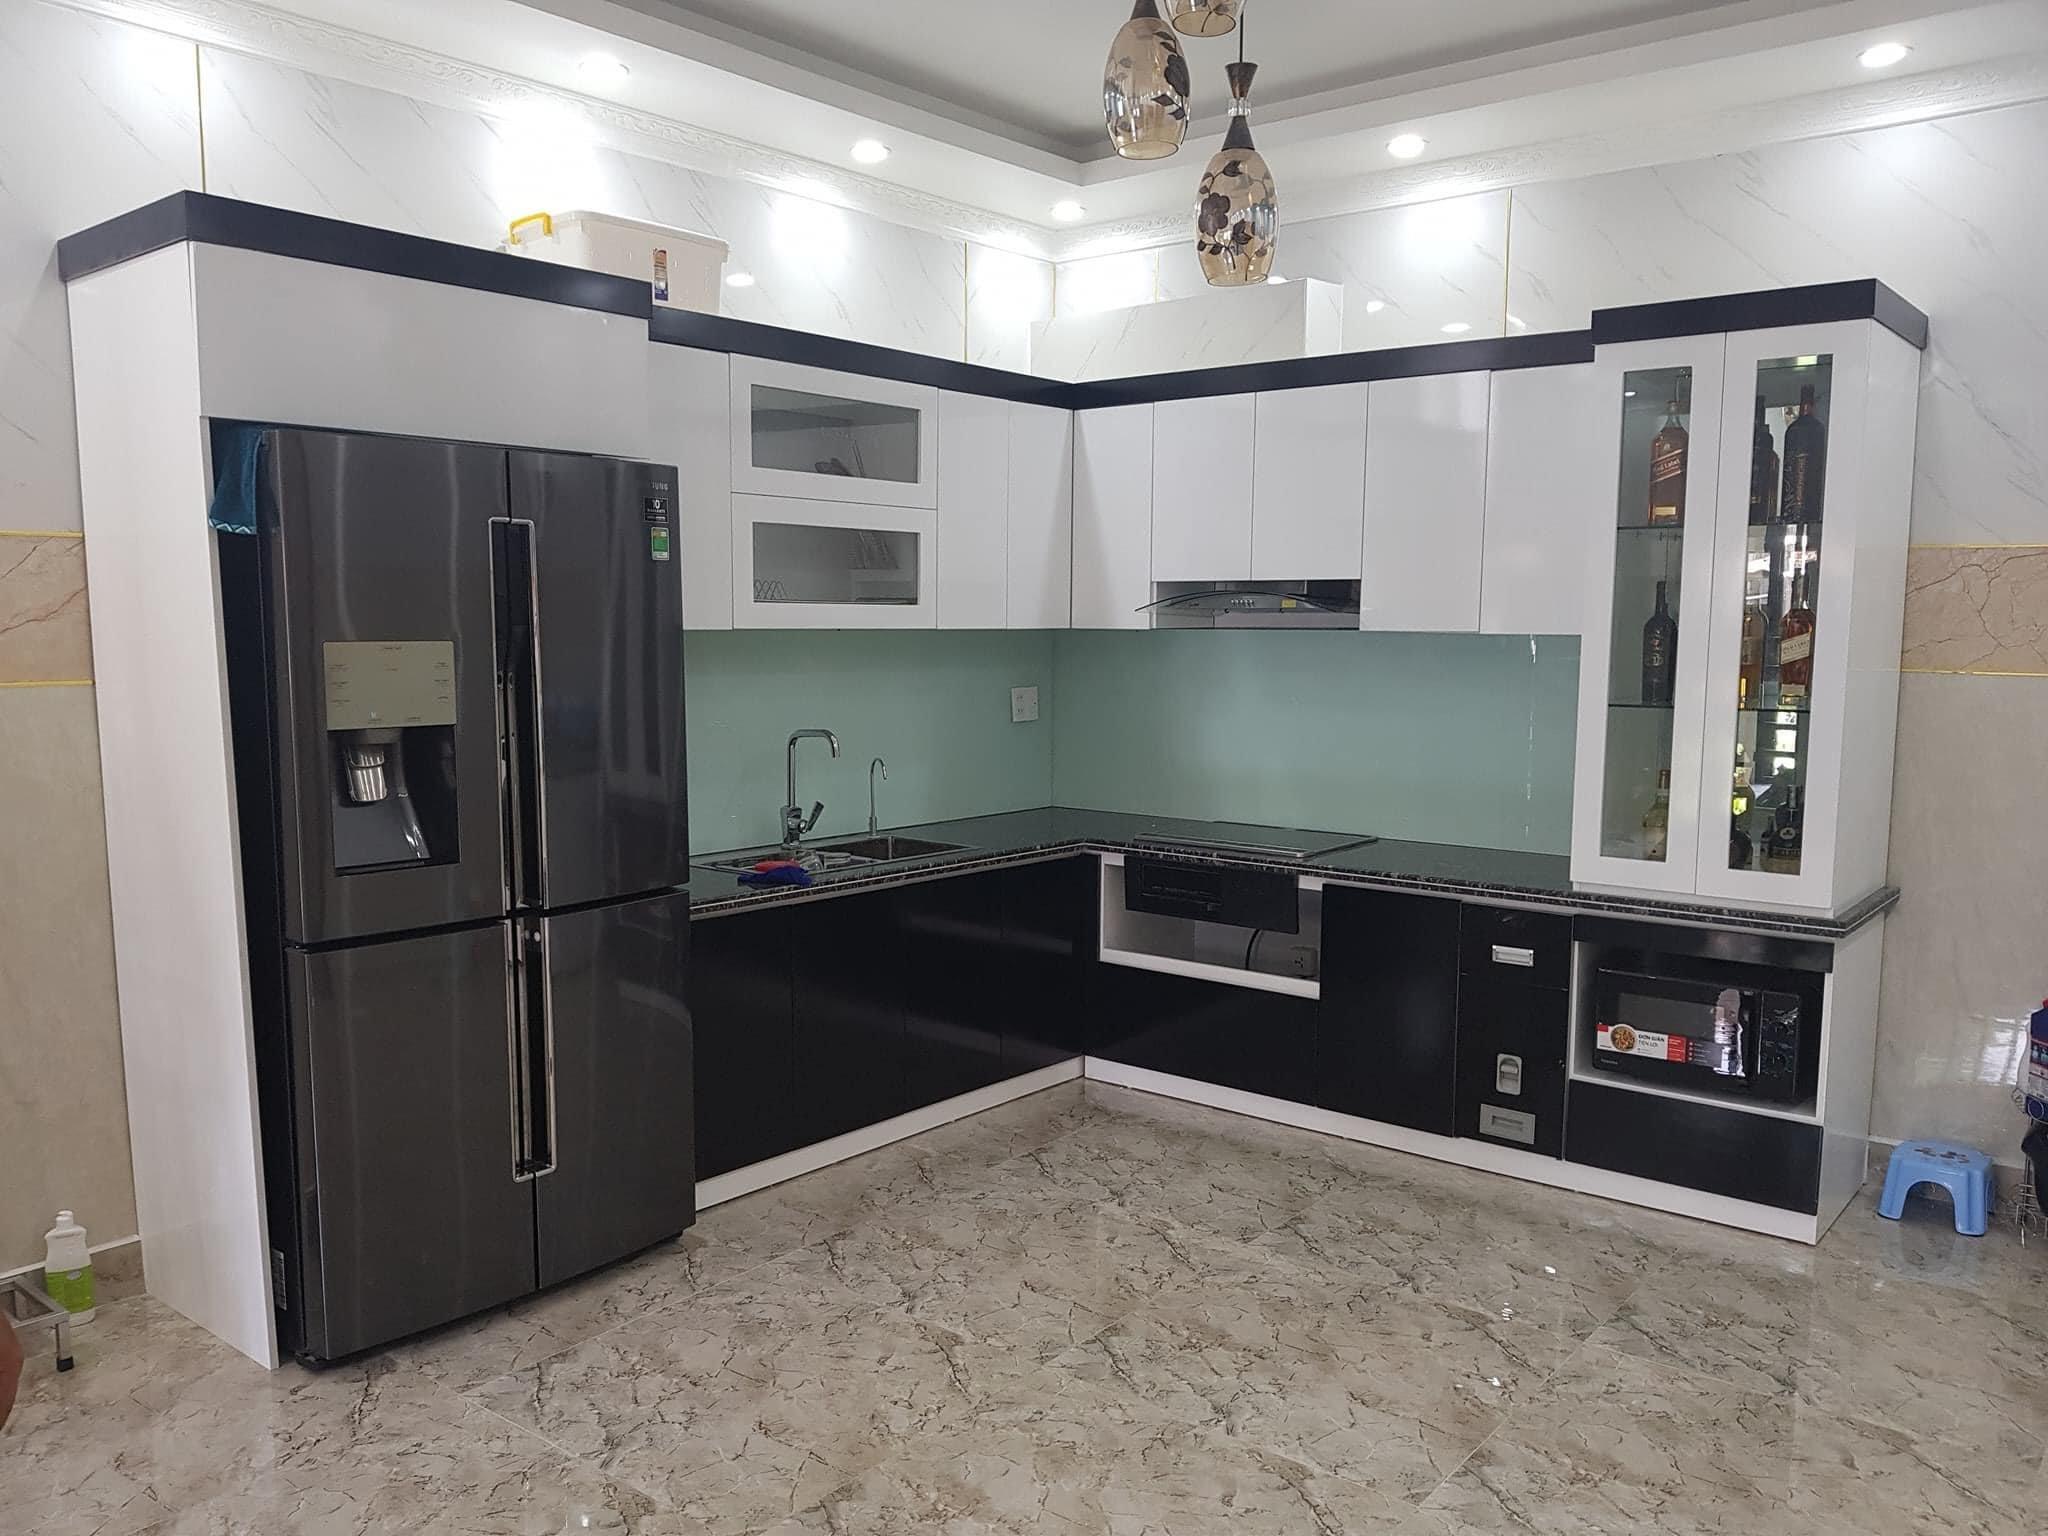 Đóng tủ bếp nhôm kính với kết cấu nhiều ngăn, mang đến không gian cất trữ lớn